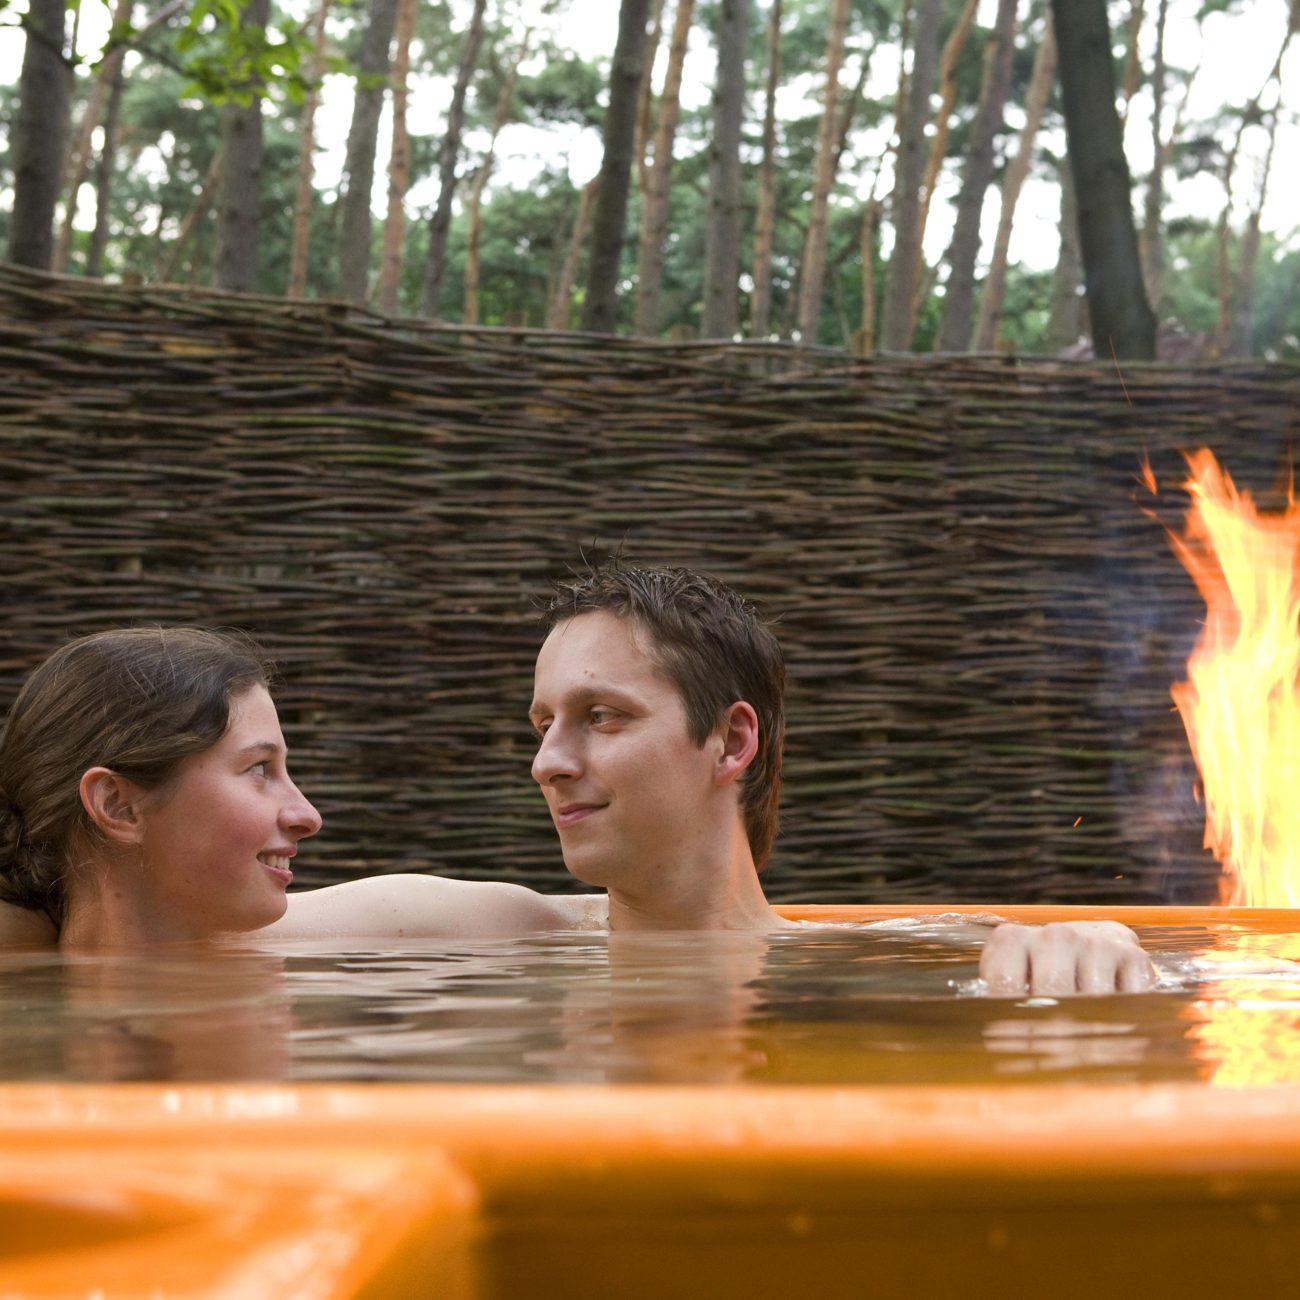 Een stel in een oranje dutch tub met brandend vuur